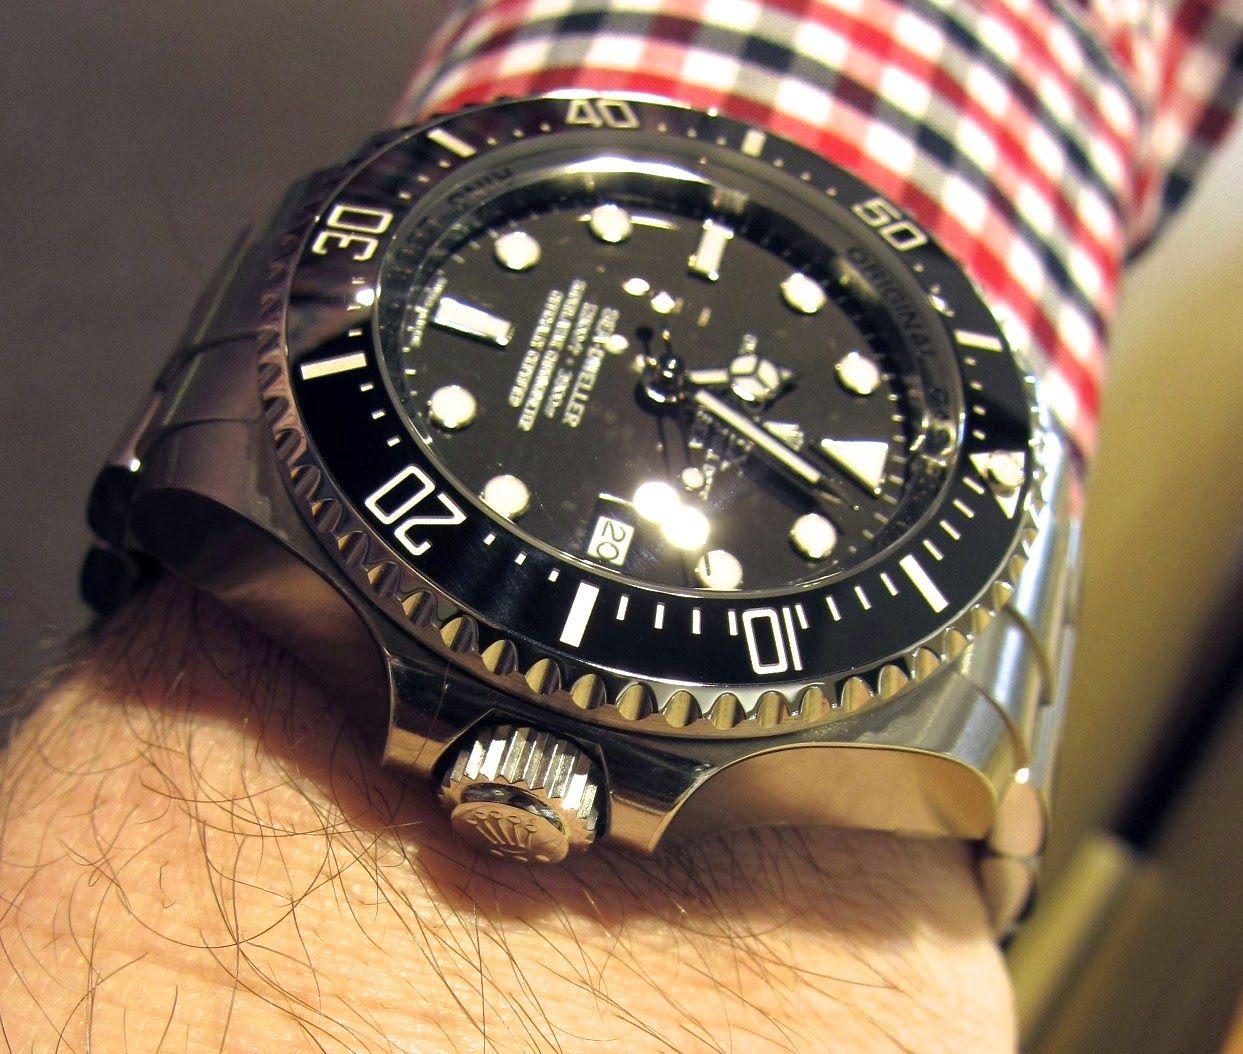 Sportswatchblogger.blogspot.de - Der Sportuhren Blog : Rolex Oyster Perpetual Deepsea Referenz 116660 - Die richtige Uhr für das Sommerloch - mit der Rolex Deepsea darf es sogar 3900m tief sein